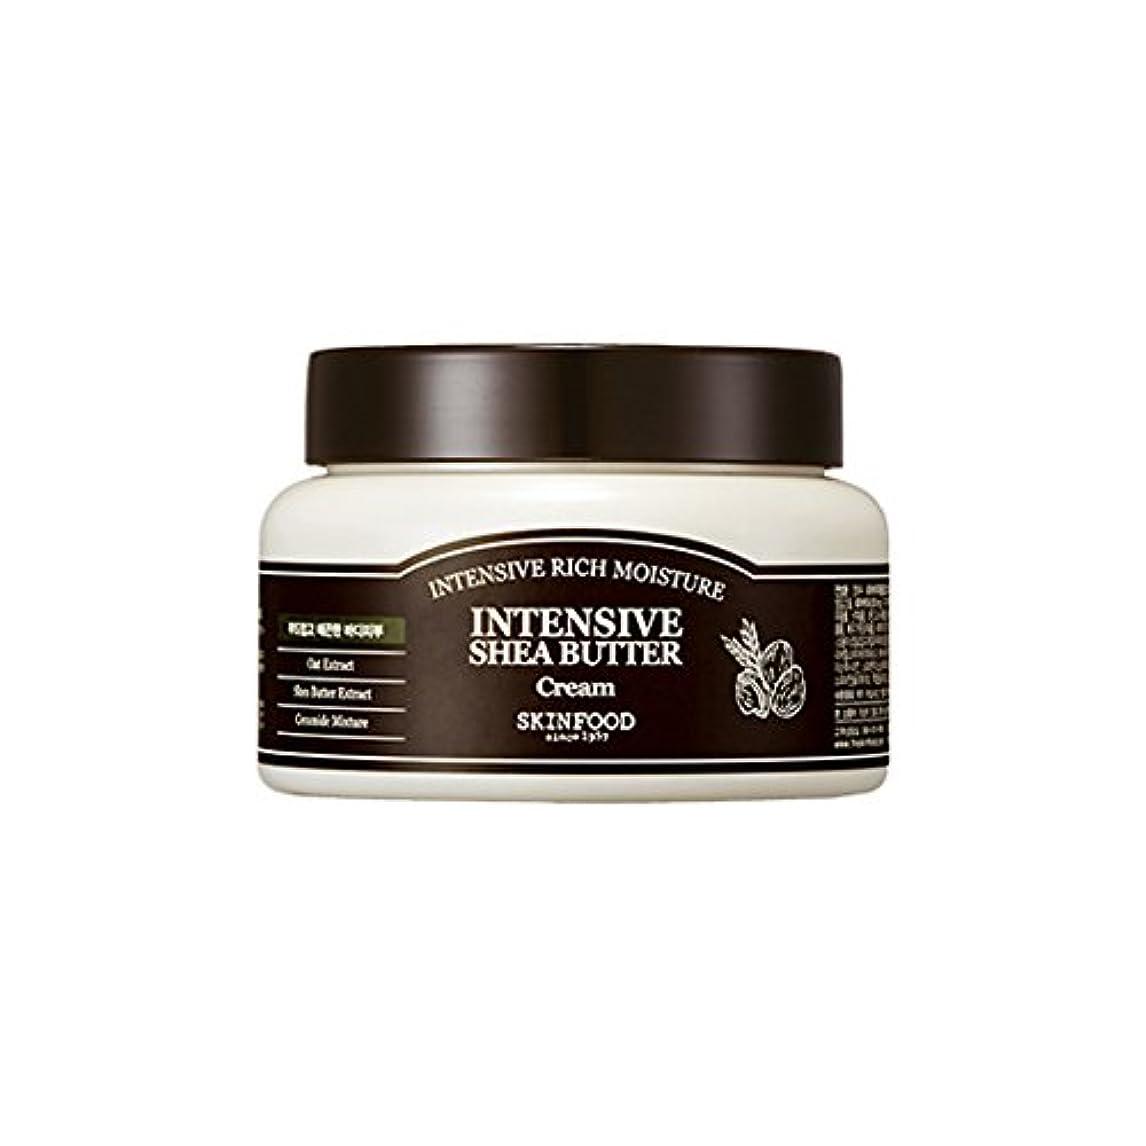 寝具居住者浸透する[New] SKINFOOD Intensive Shea Butter Cream 225ml/スキンフード インテンシブ シア バター クリーム 225ml [並行輸入品]